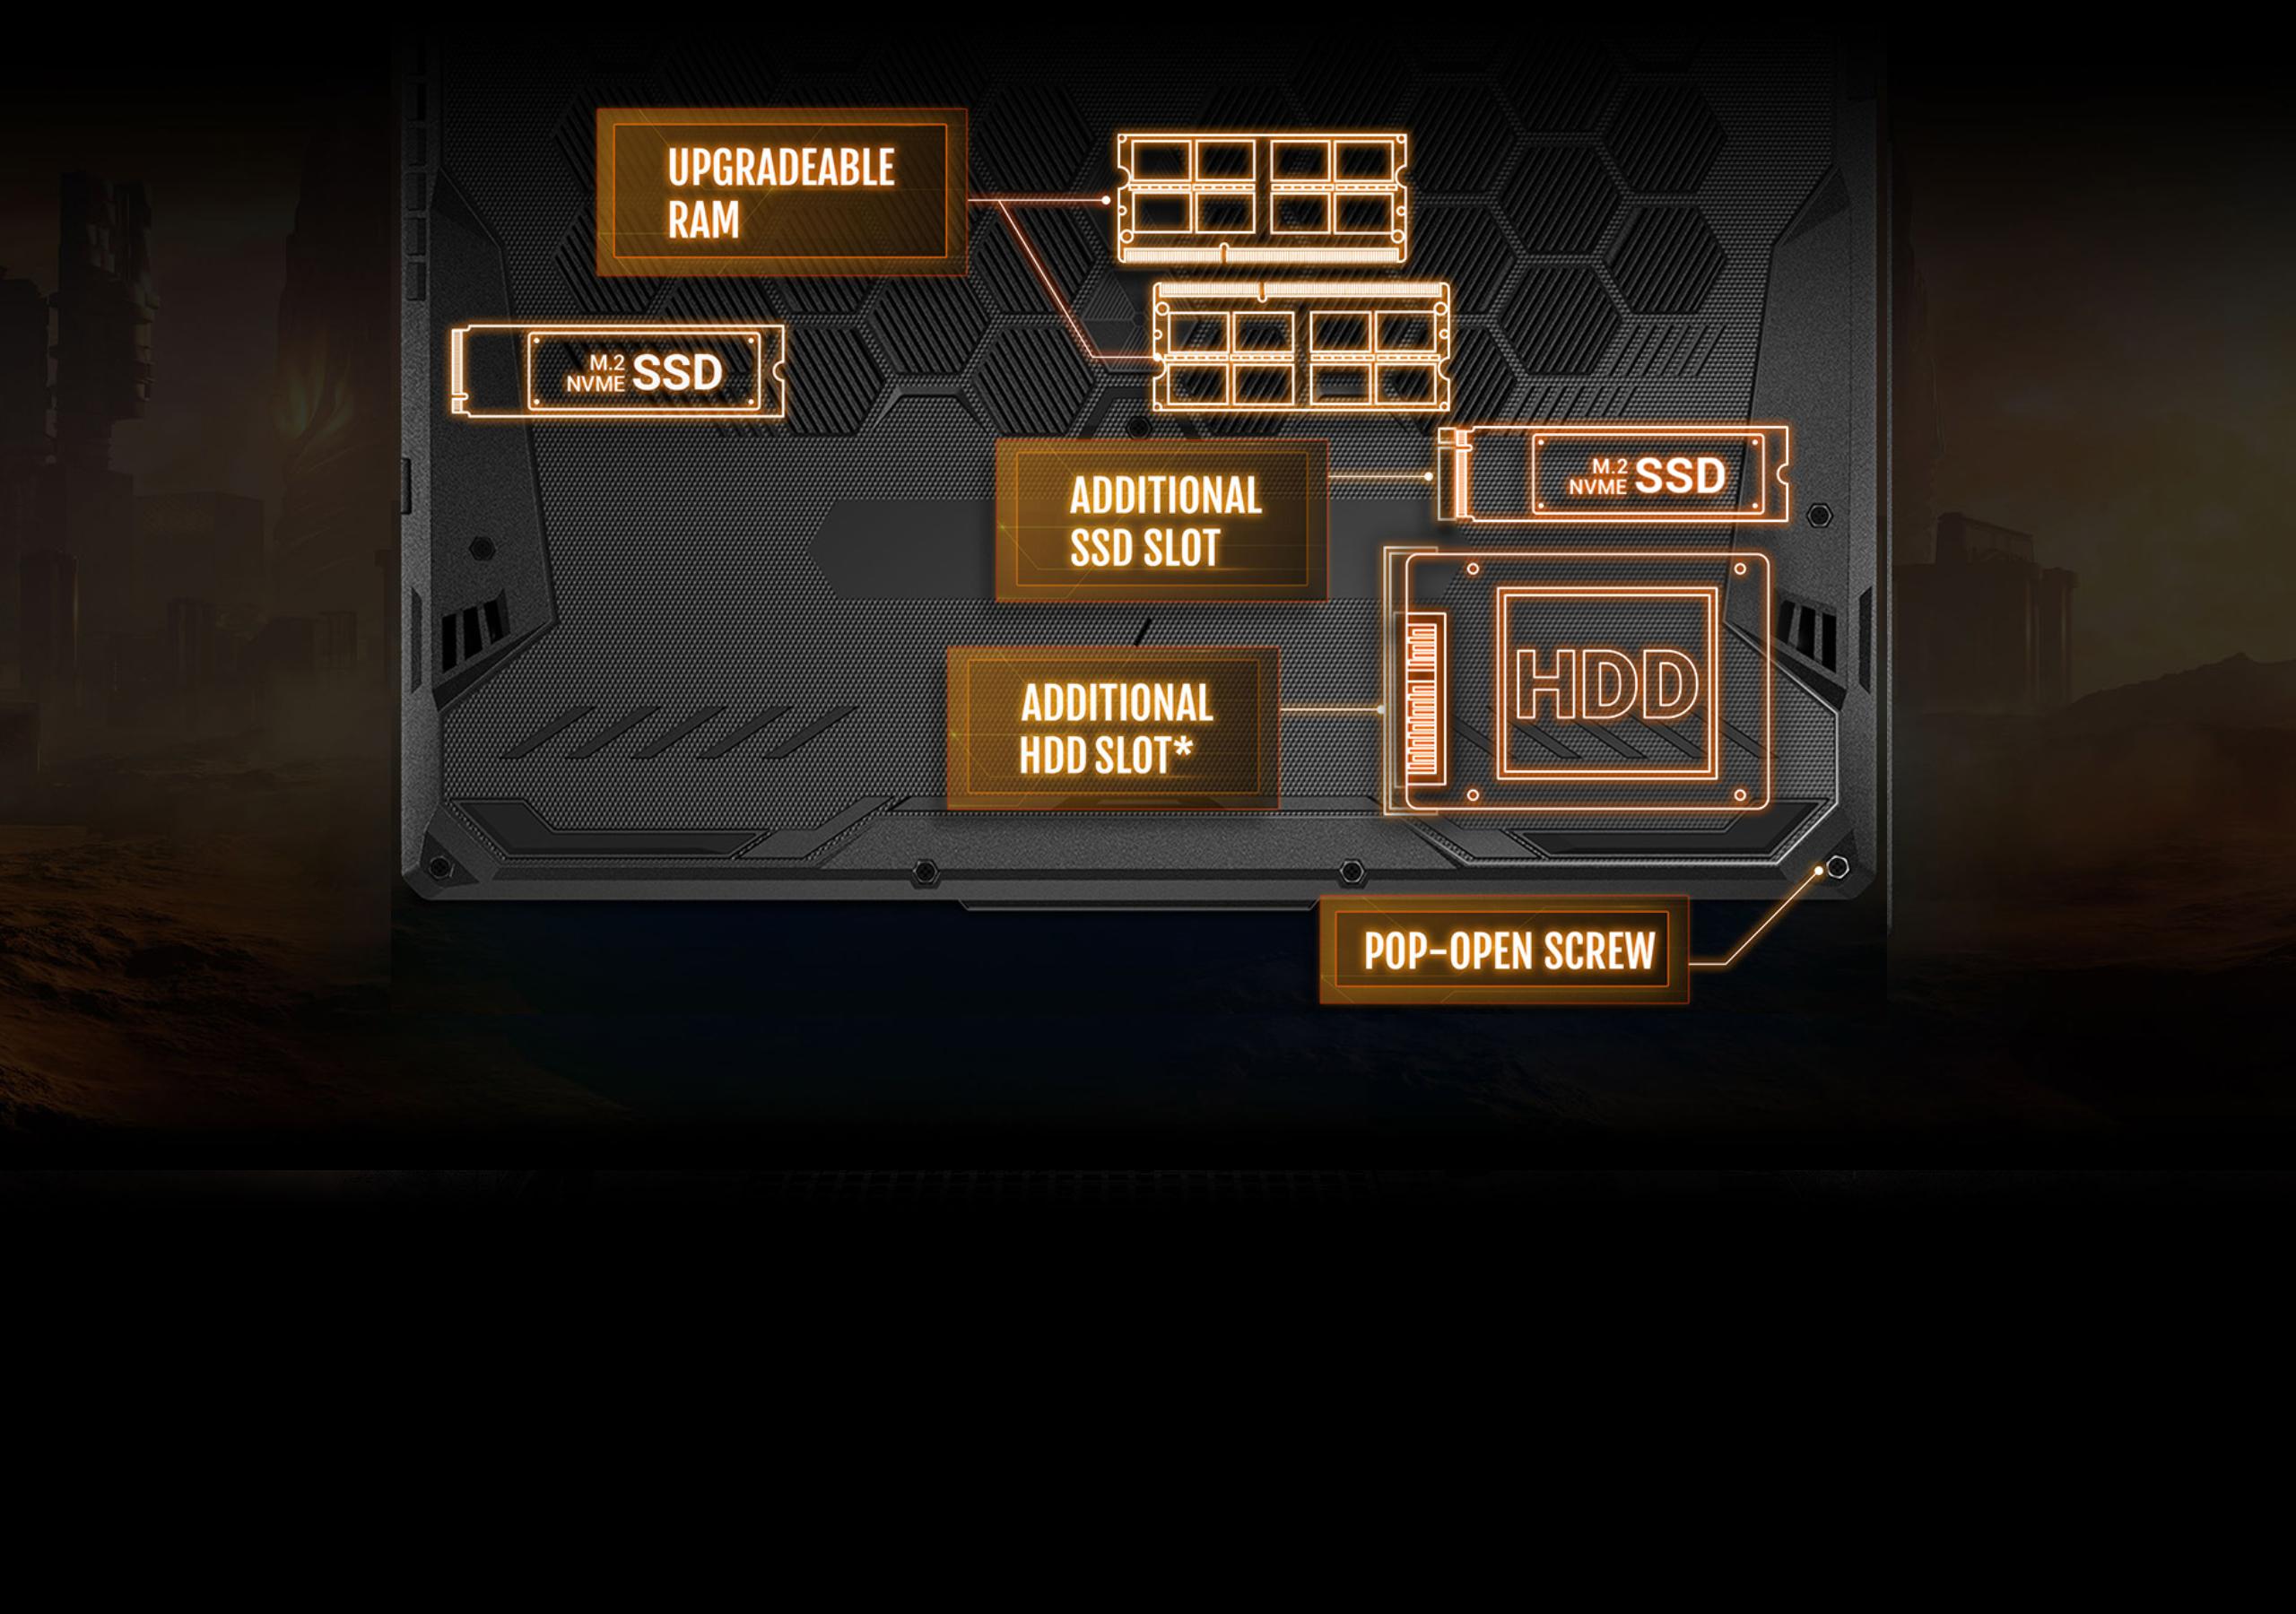 Asus tuf gaming laptop upgrading